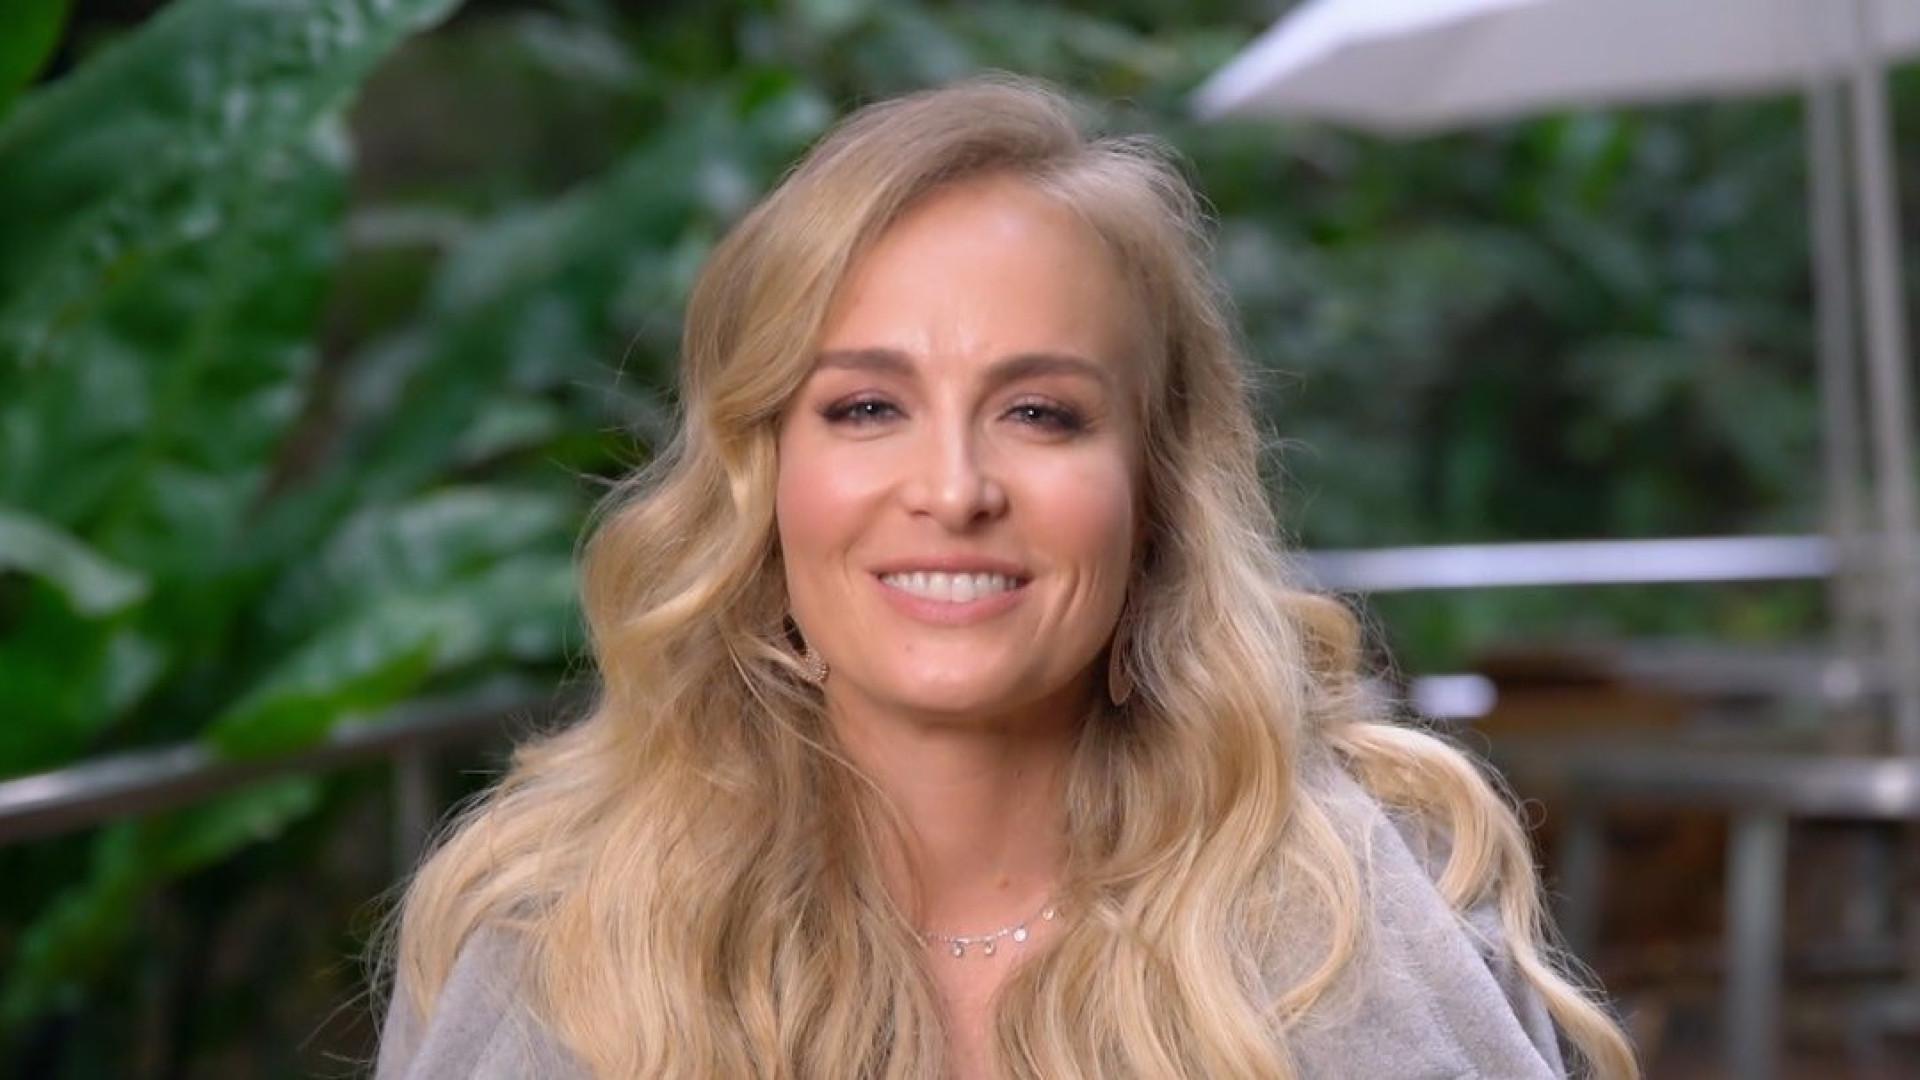 Angélica pressiona a Globo para sair da 'geladeira'